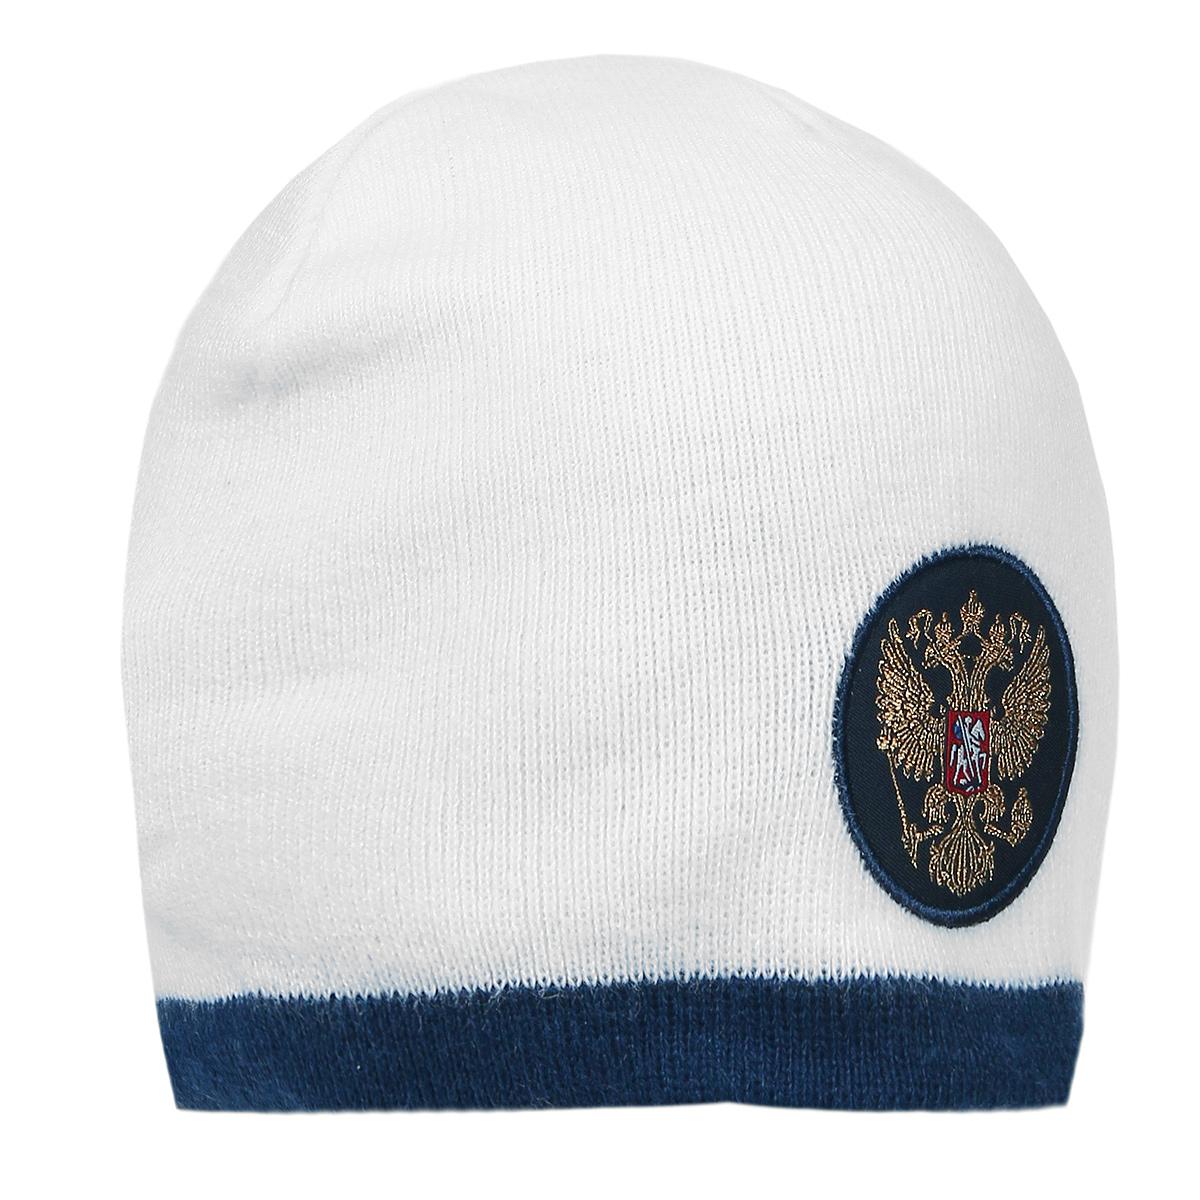 Шапка Россия, цвет: белый, синий. 11325. Размер L/XL (55-58) - Национальная Атрибутика